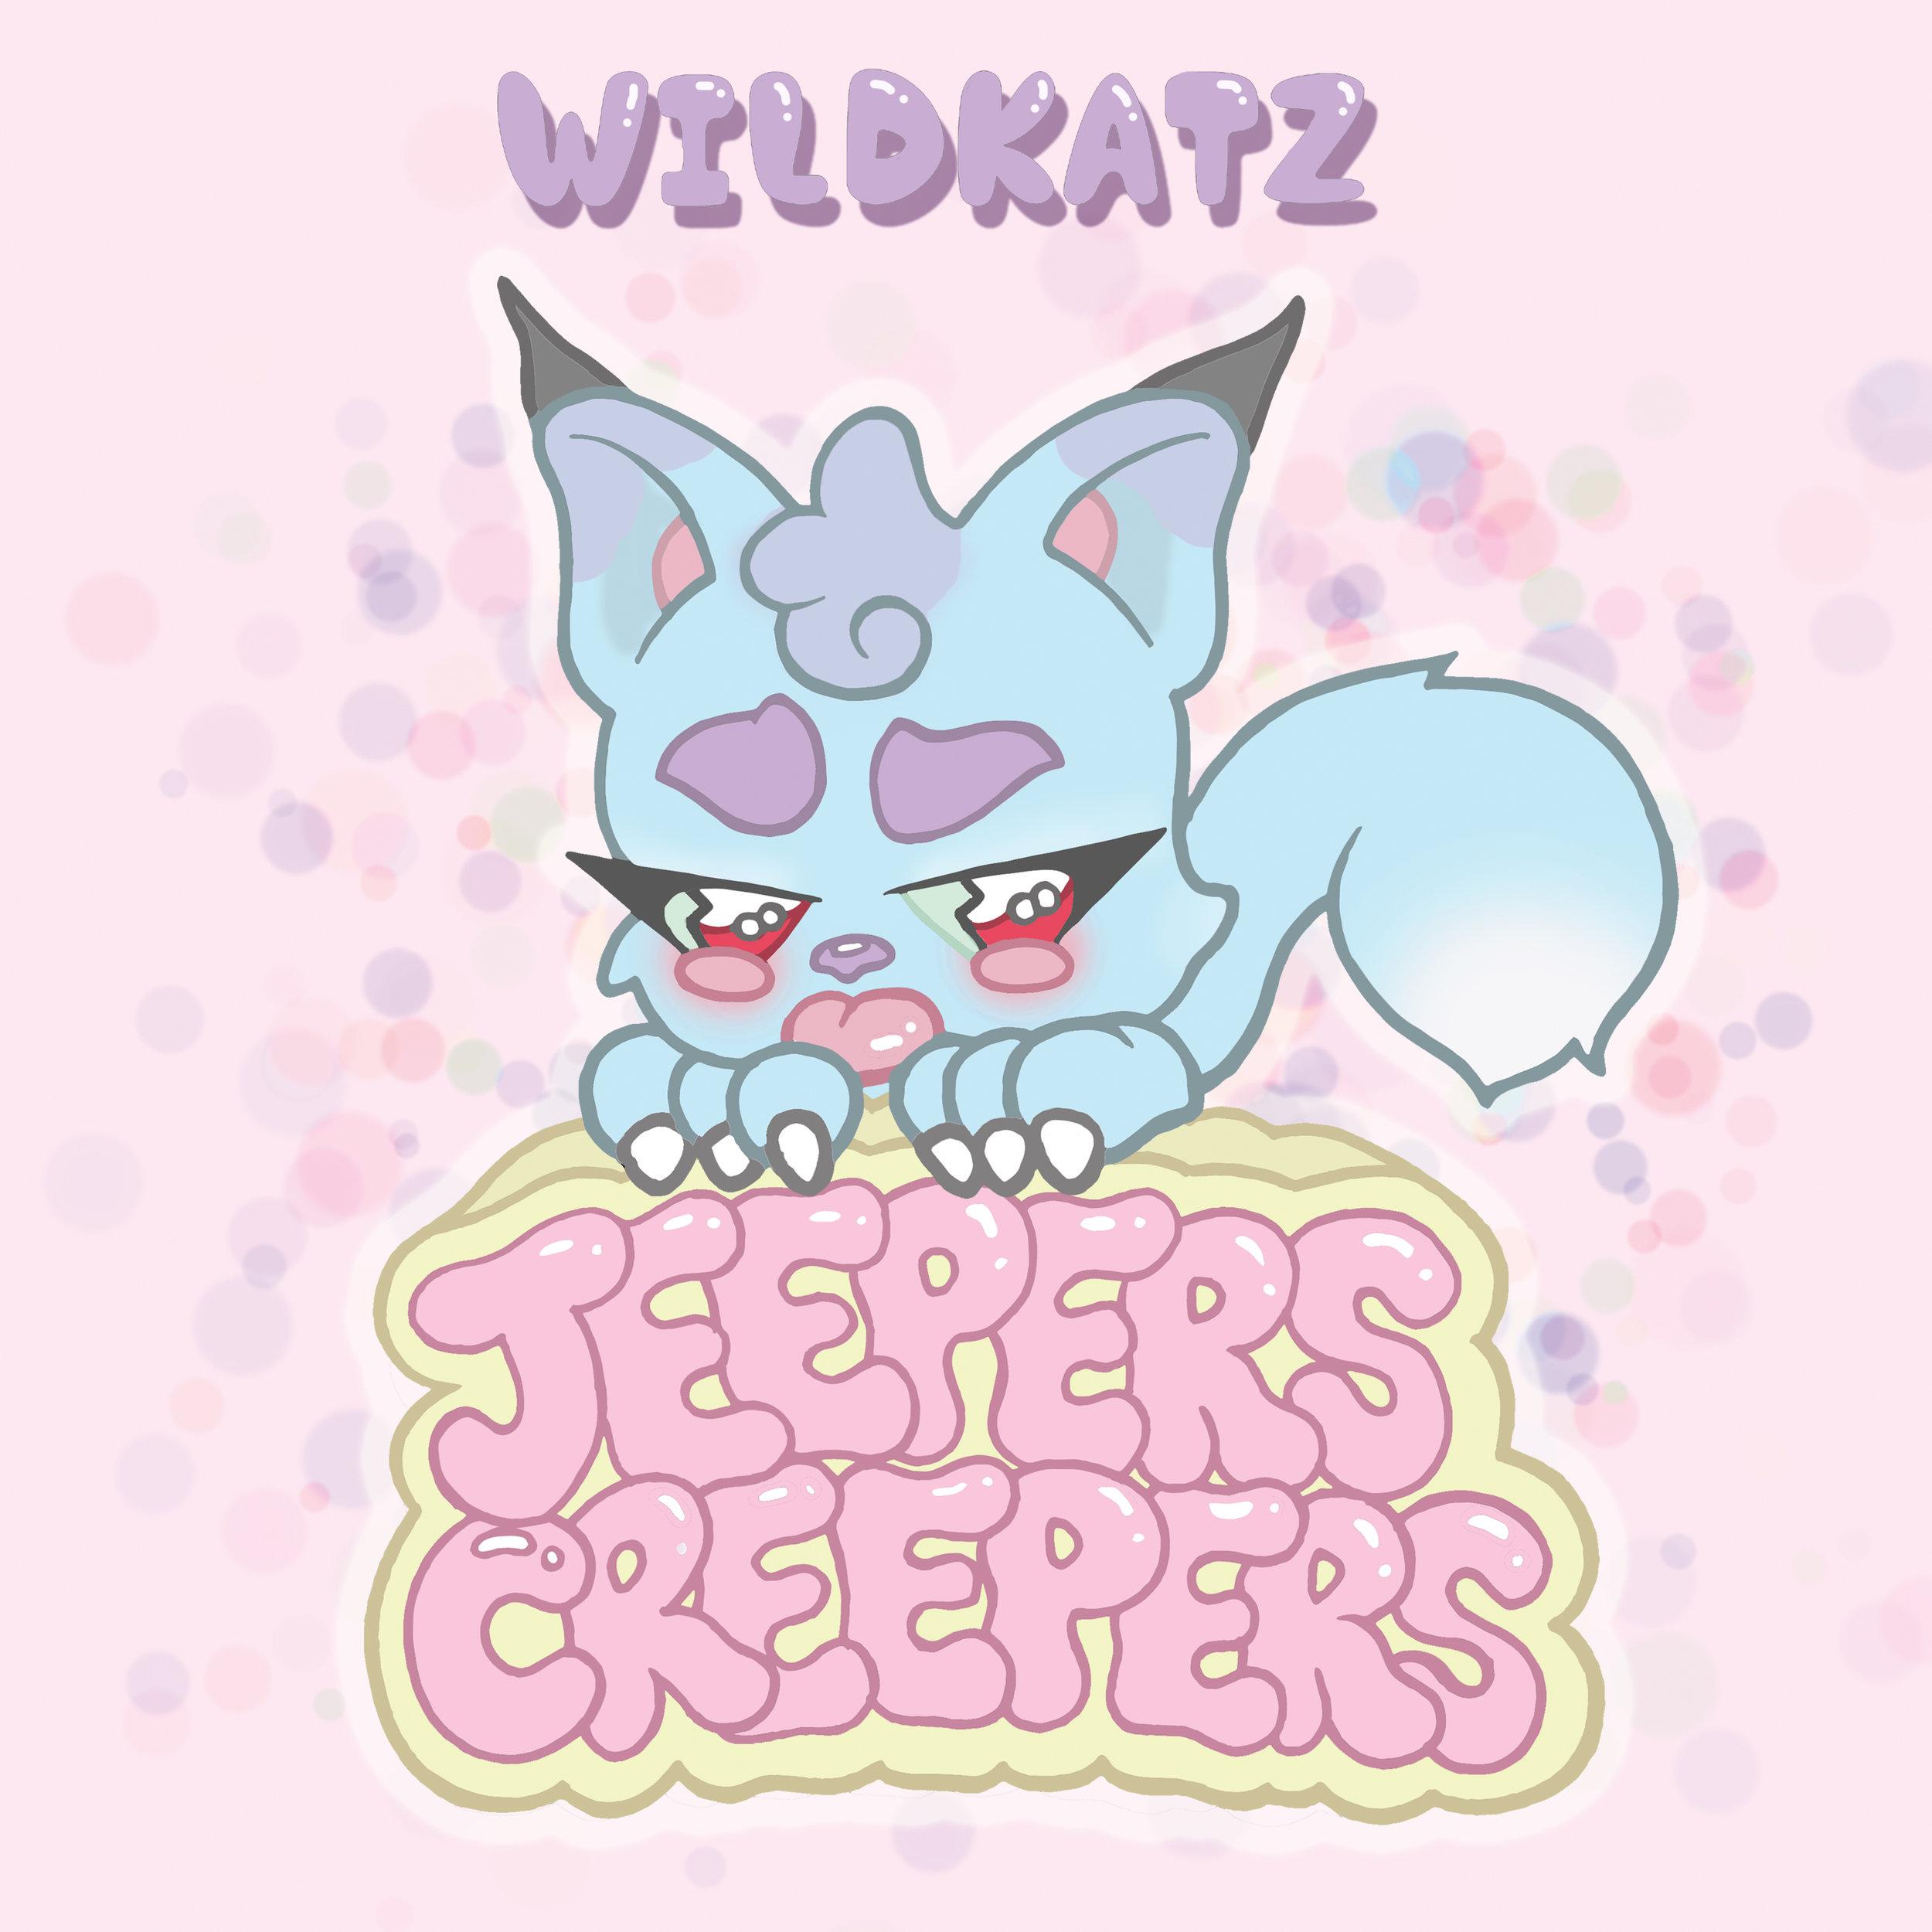 Wildkatz - Jeepers Creepers.jpg